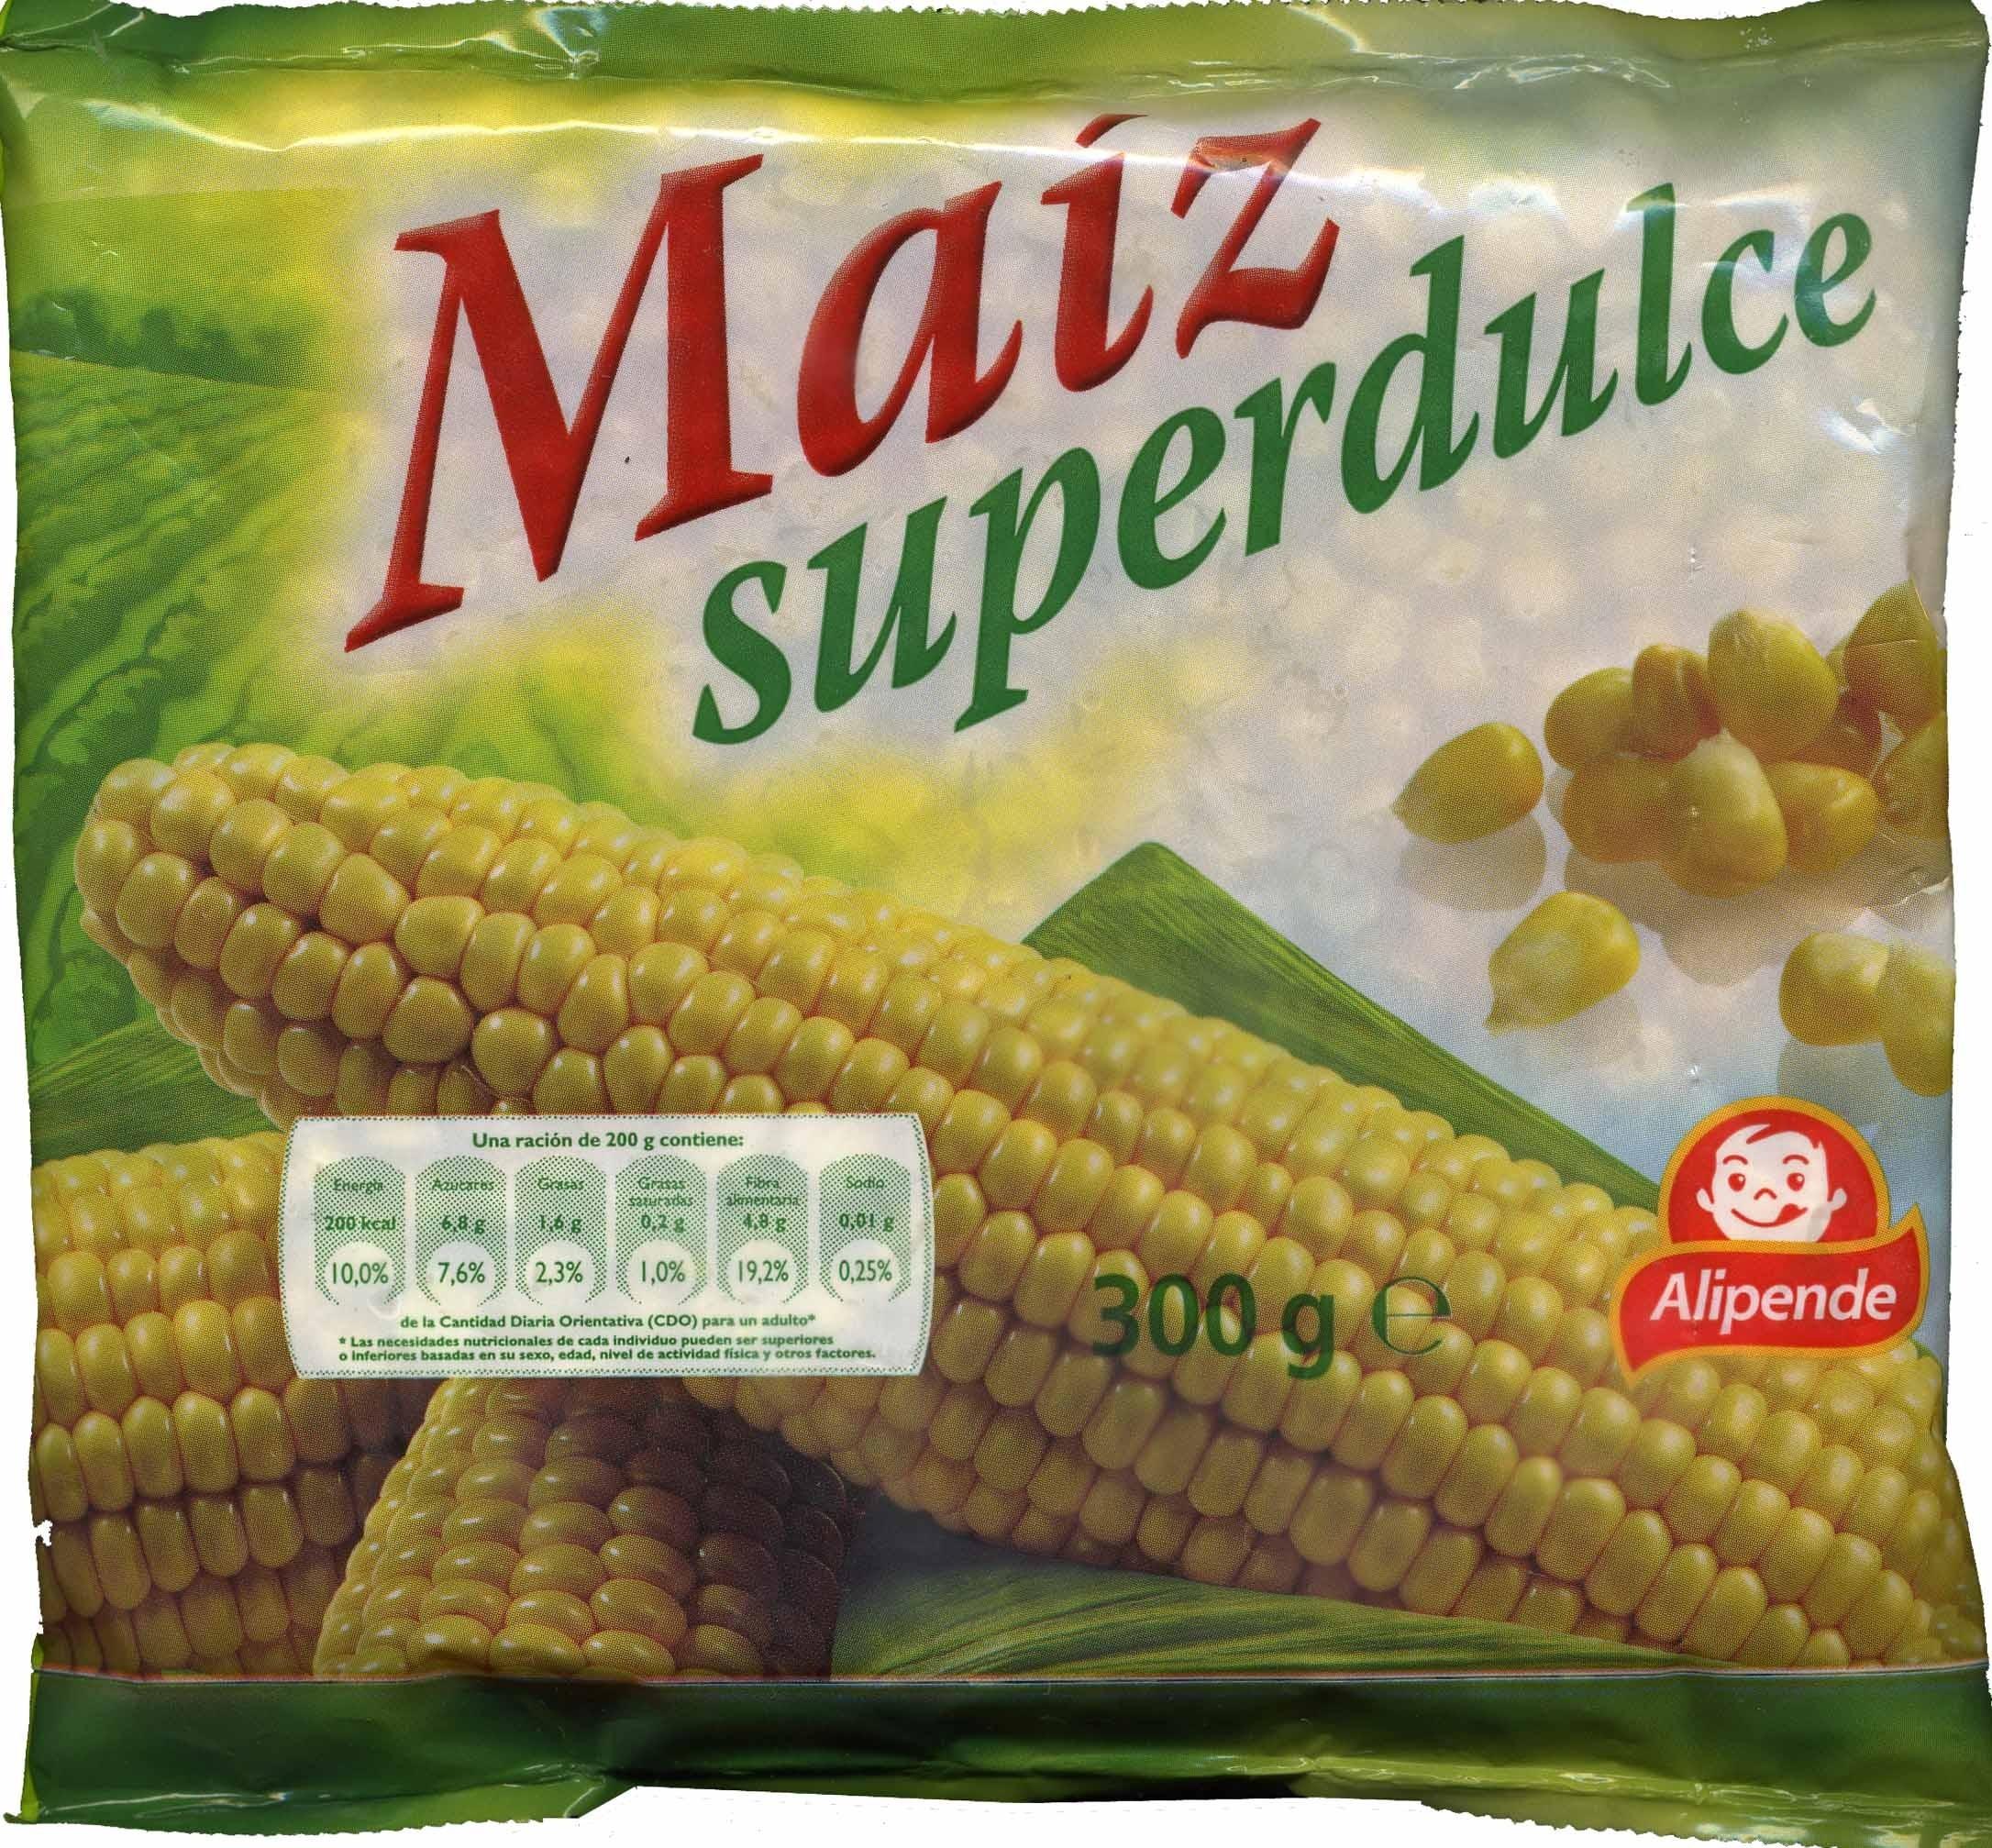 Maiz superdulce - Producto - es